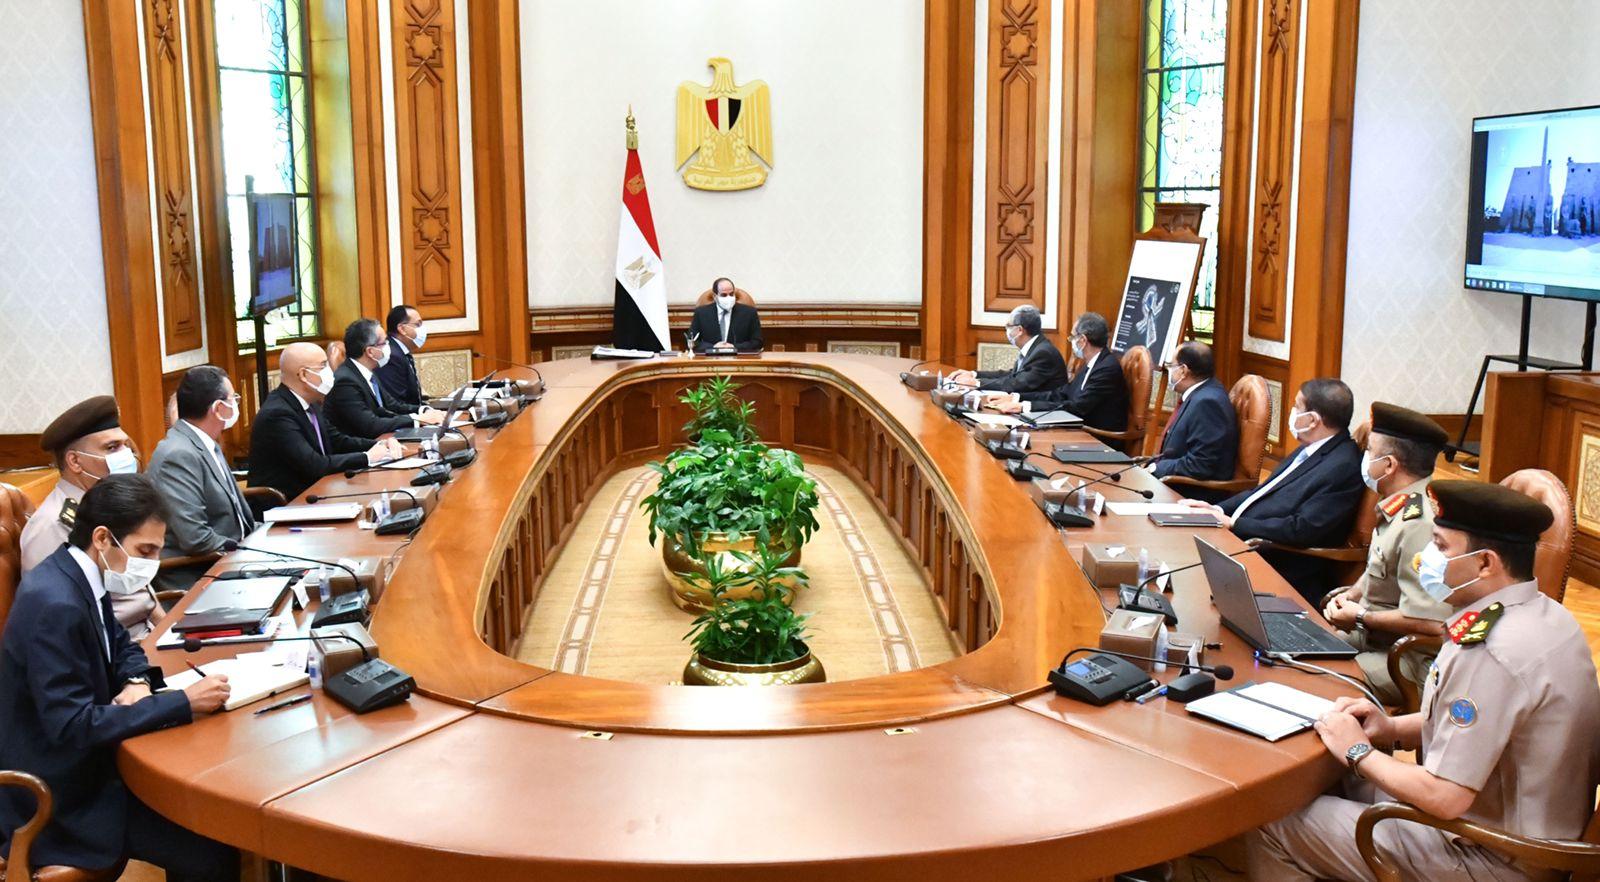 الرئيس السيسي يبحث مستجدات الموقف التنفيذي لمشروعات العاصمة الإدارية والمتحف المصري الكبير